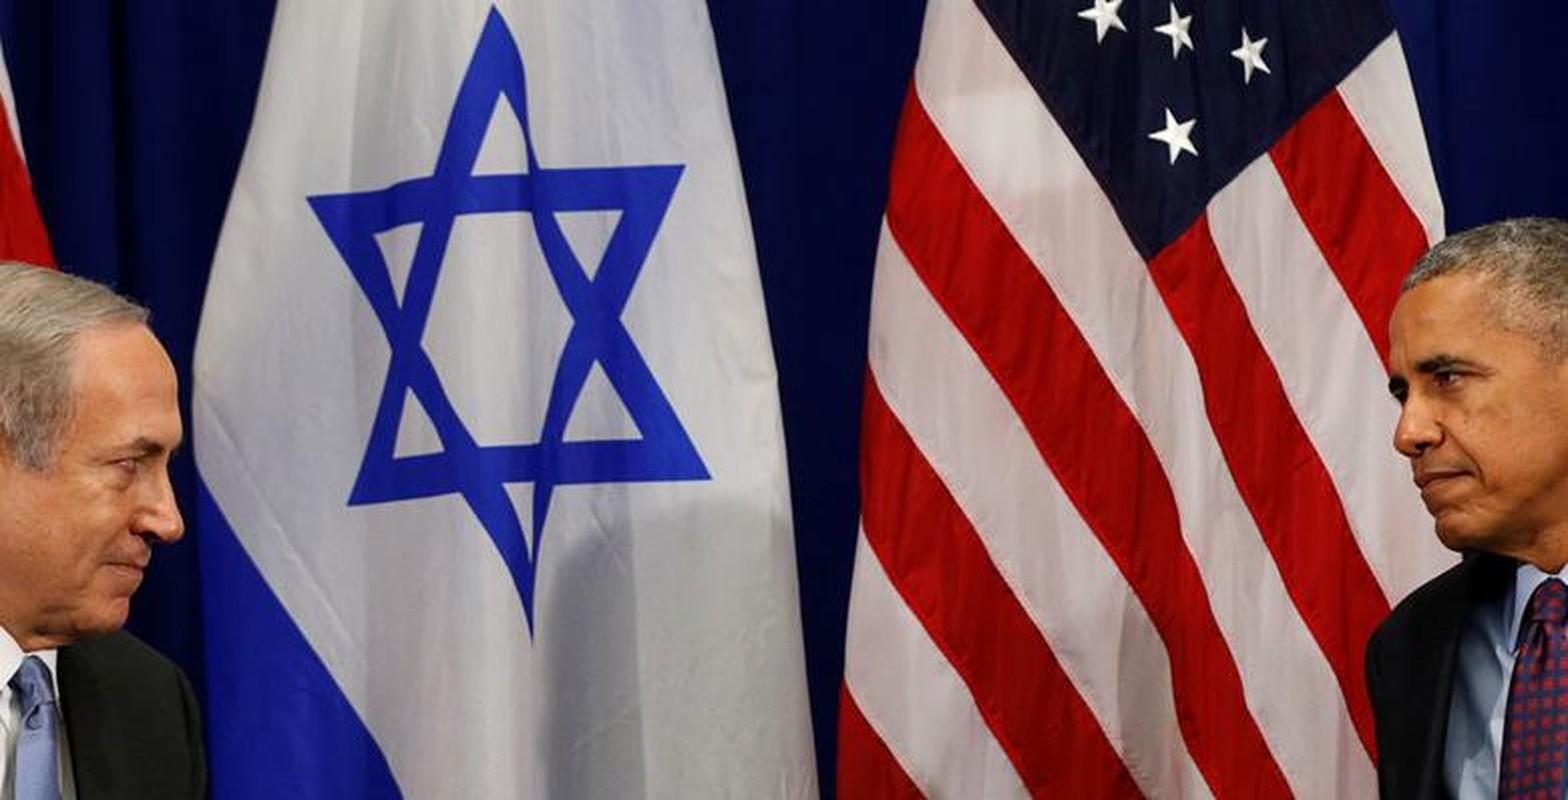 Loat hinh an tuong Thu tuong Israel Benjamin Netanyahu trong thoi gian cam quyen-Hinh-5